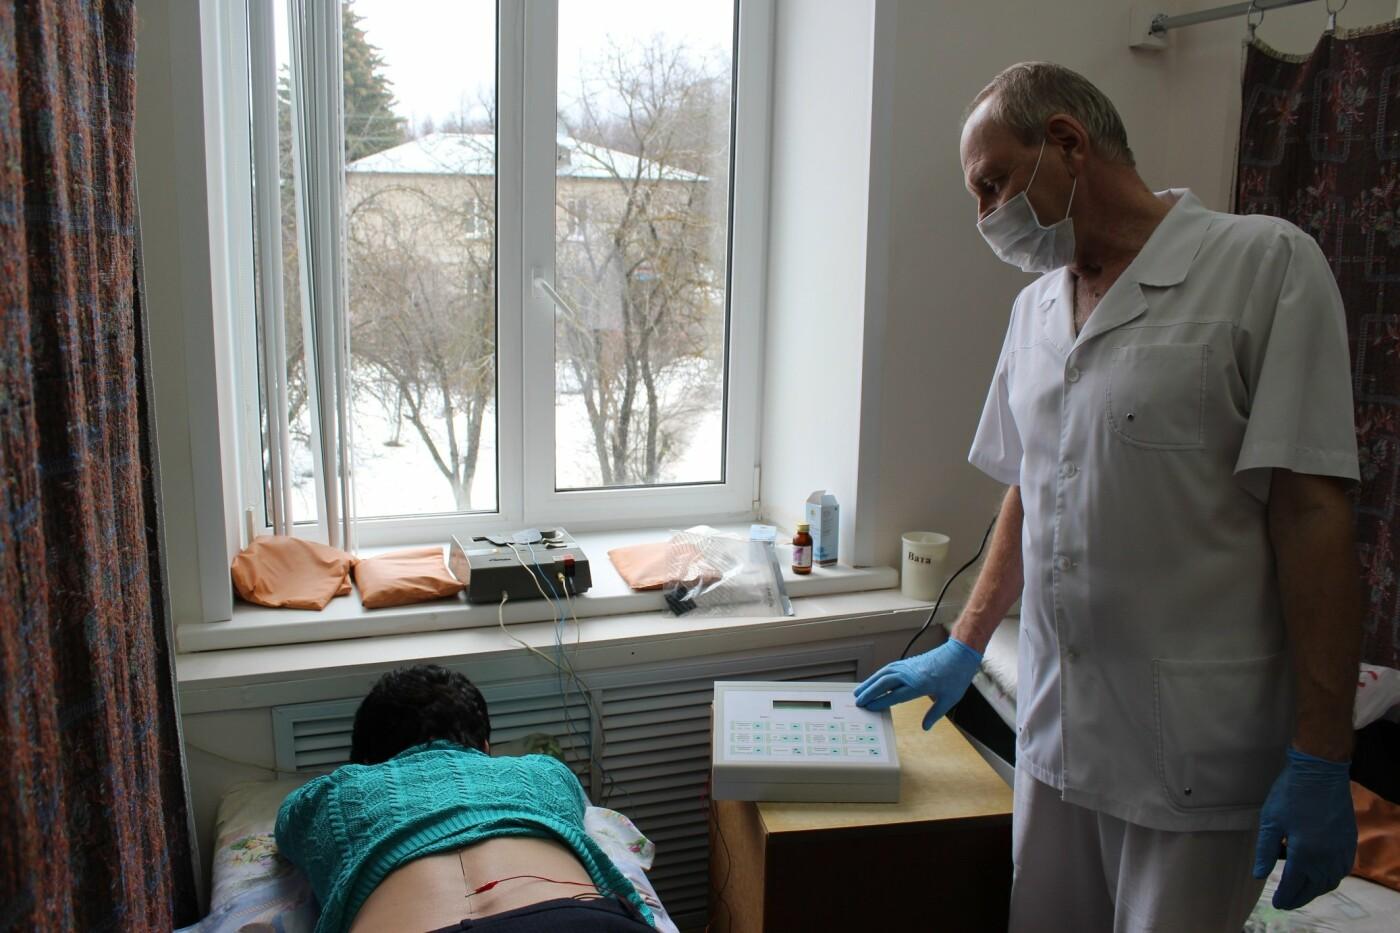 Димитровградские физиотерапевты применяют новые методы рефлексотерапии, фото-5